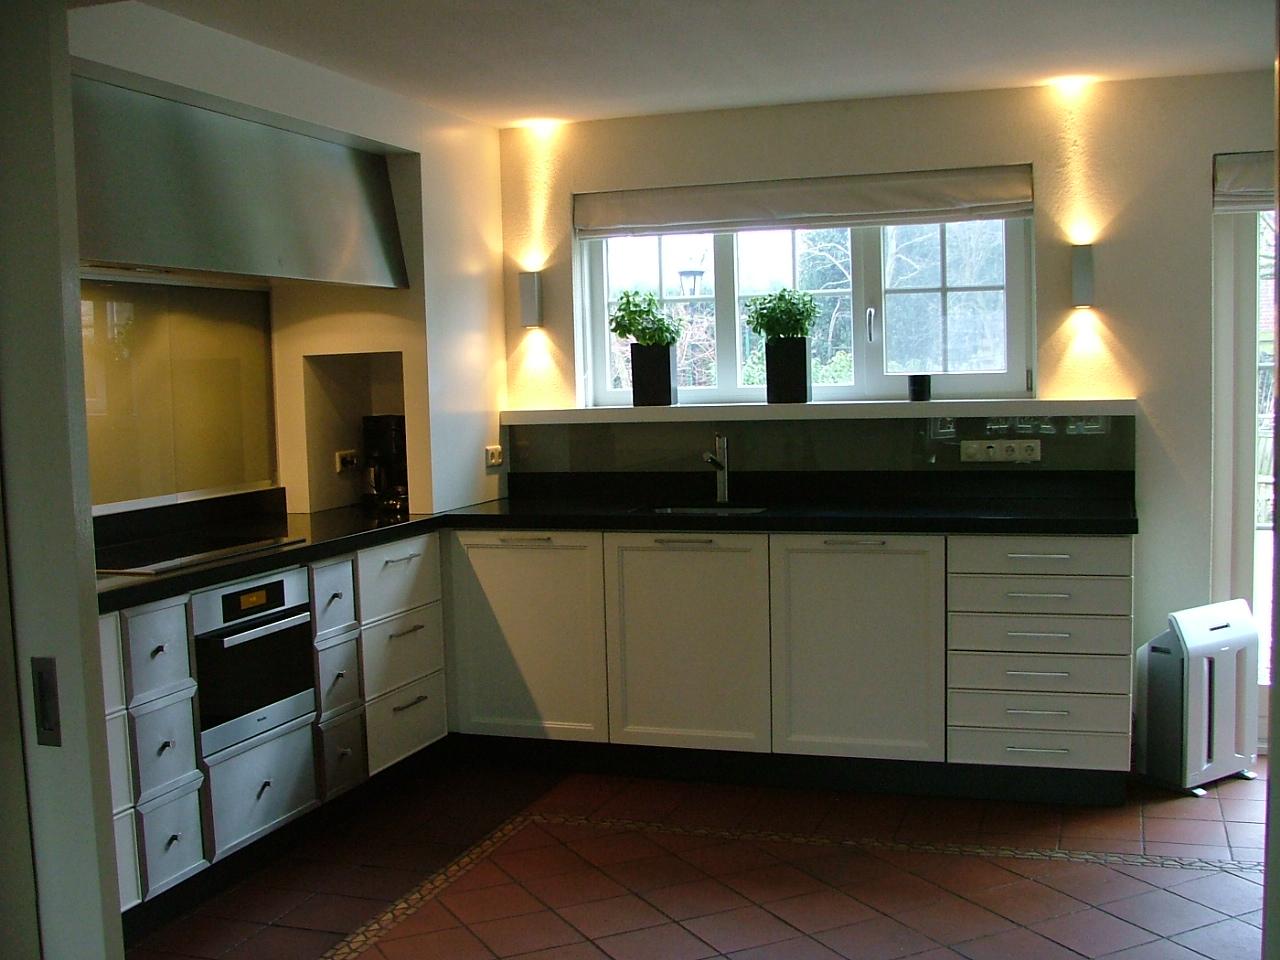 Keuken op maat met modern design.